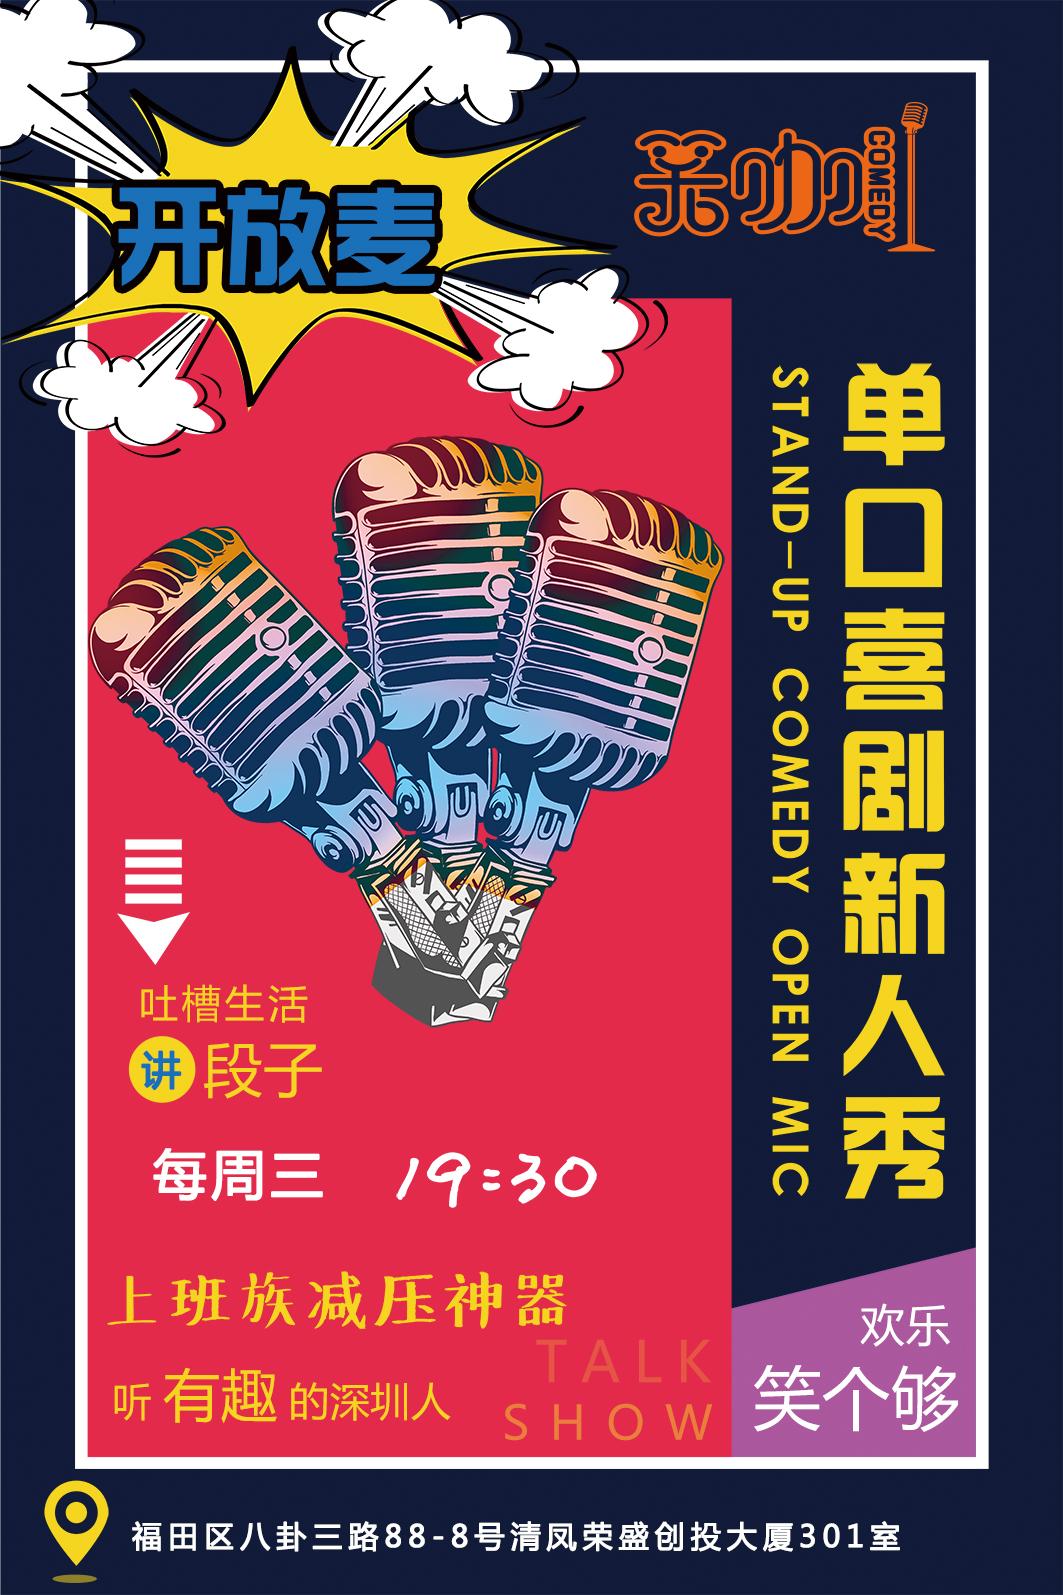 笑咖脫口秀月度爆梗王爭奪賽周三福田開放麥預賽